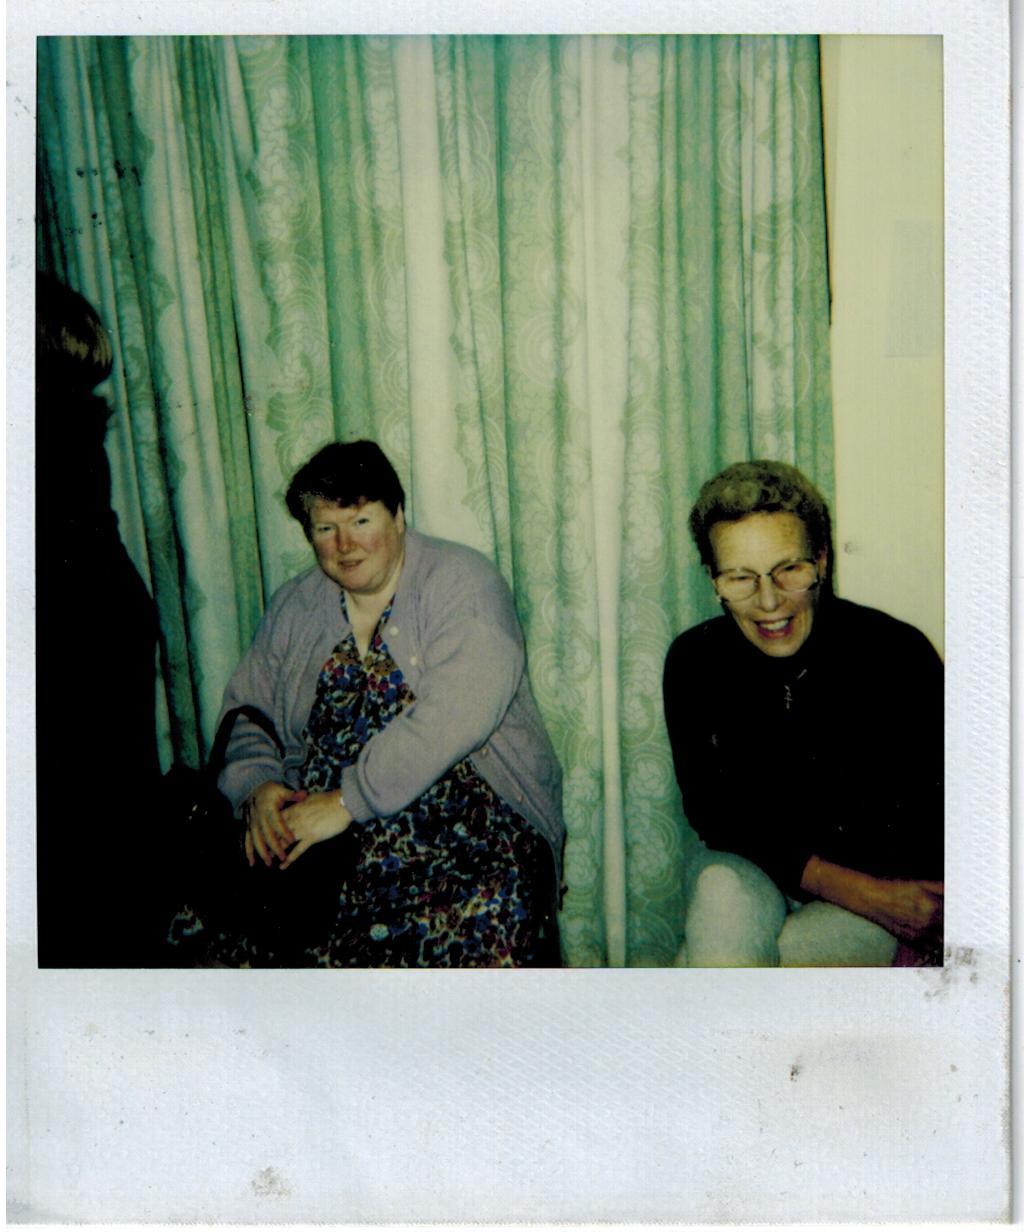 I104_Xmas-party-1996